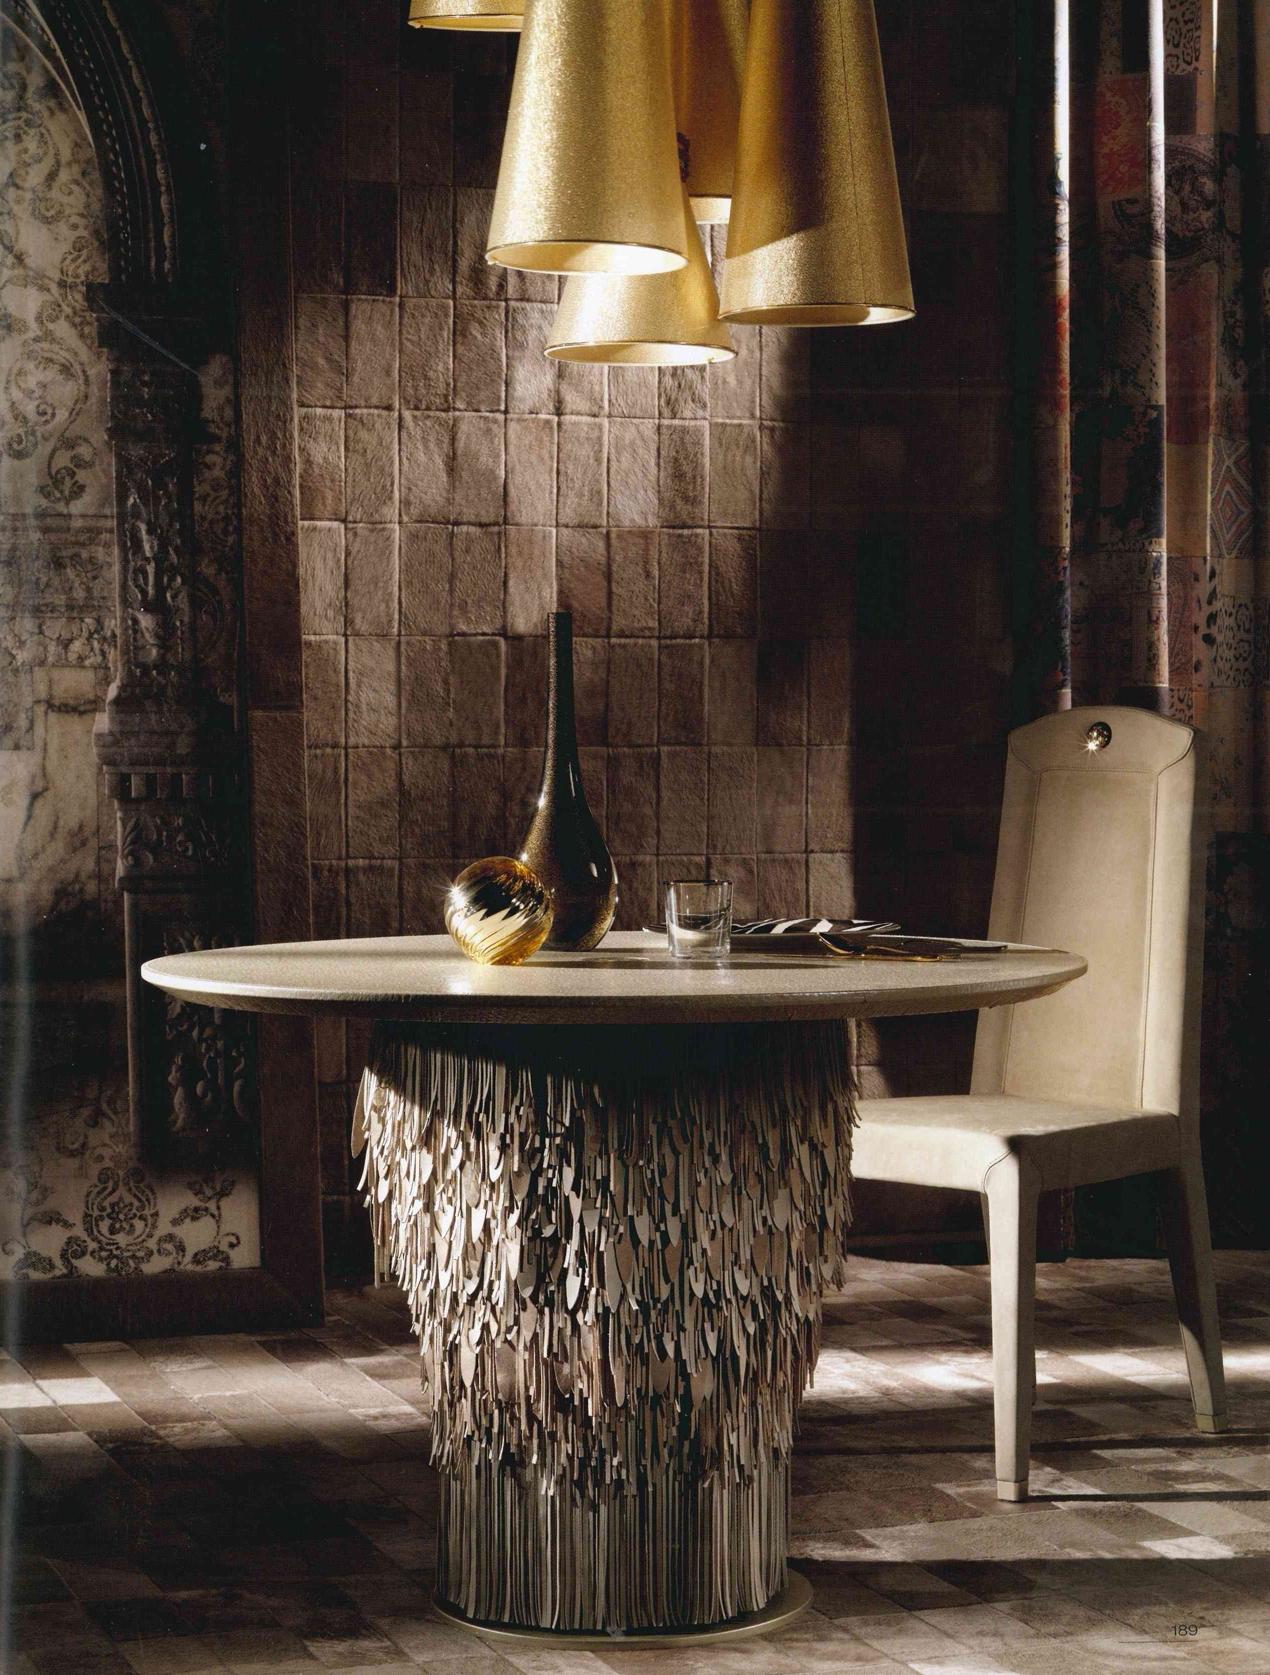 Pelle leather leather tuscany pelle texture materiali for Grandi magazzini arredamento